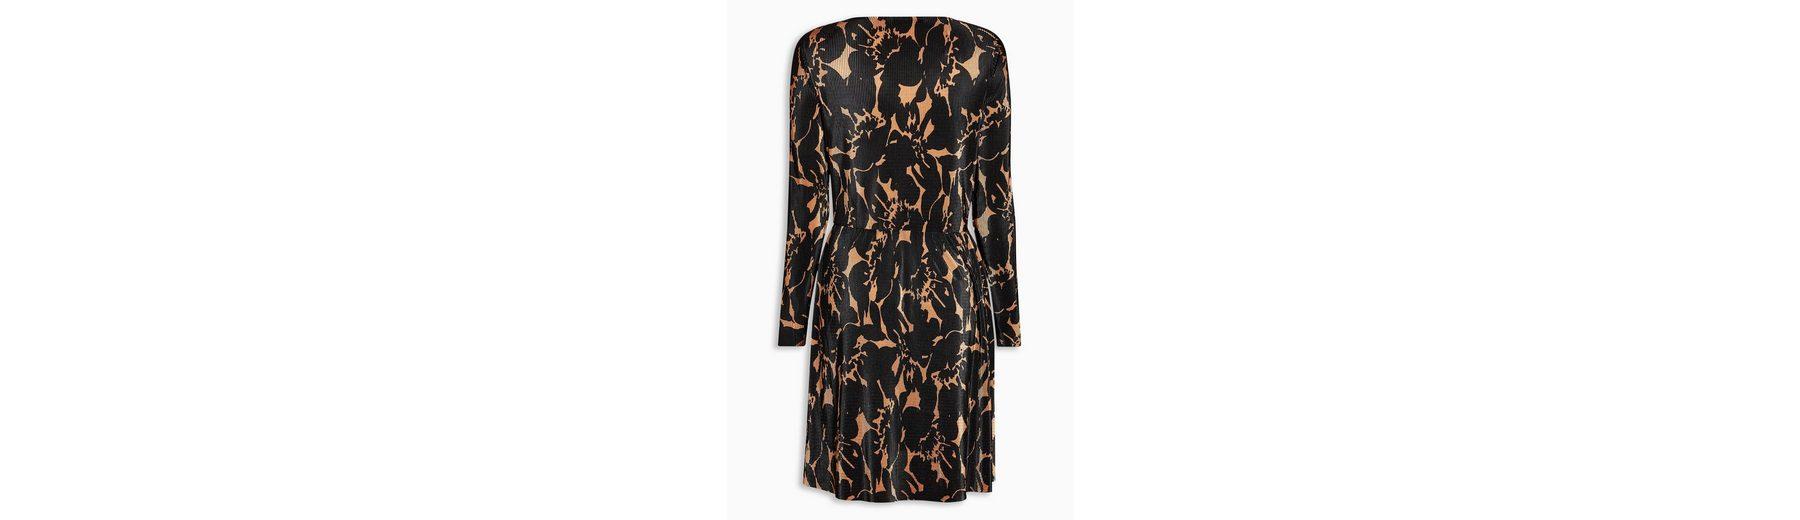 Klassische Online Zum Verkauf Günstigen Preis Aus Deutschland Next Kleid mit Faltendetails Suche Nach Günstigem Preis yFHvtv